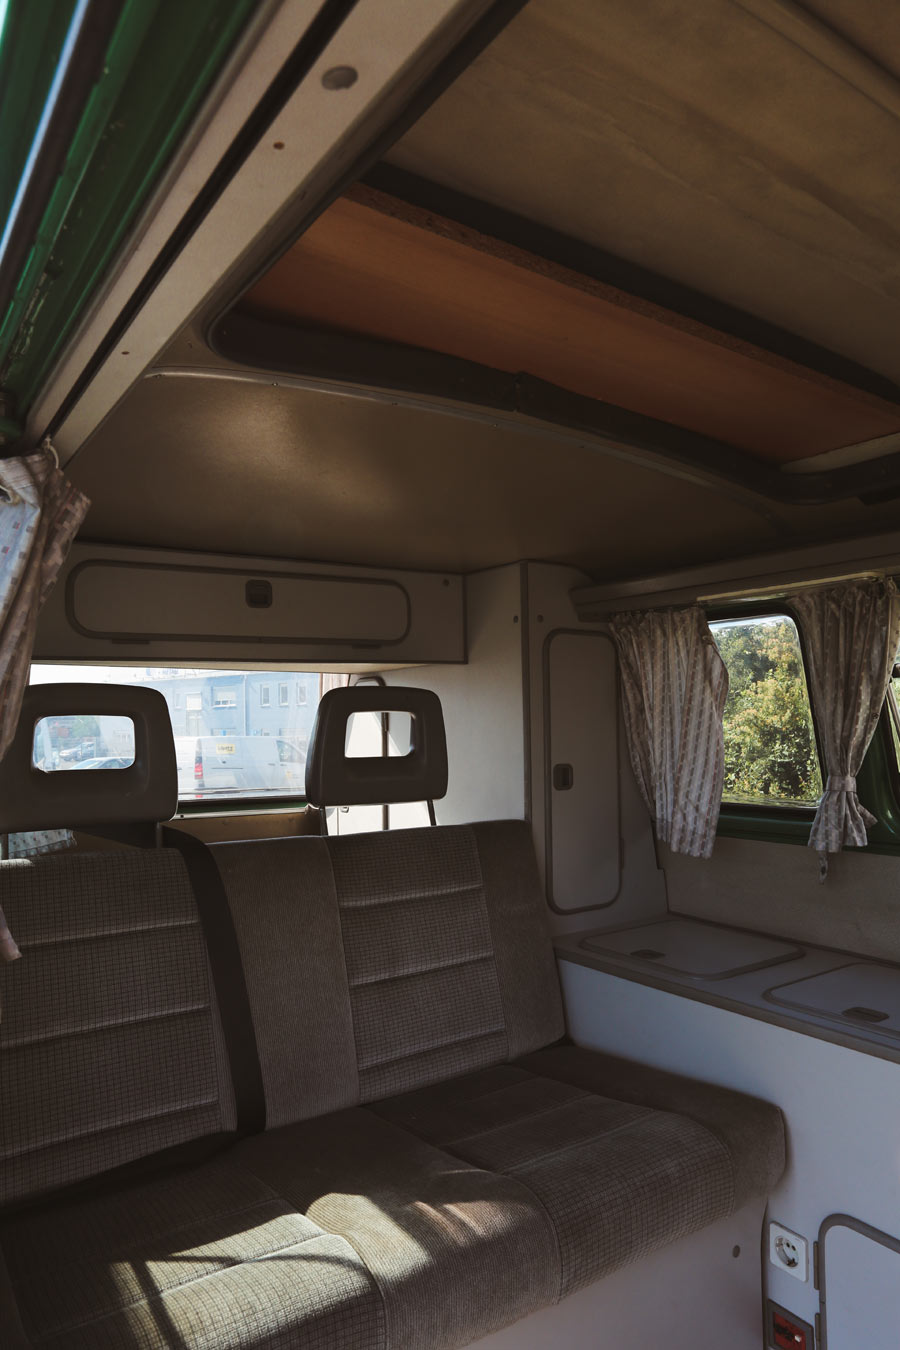 BulliHoliday VW Camper mieten Perle - Wohnraum mit einem Schwenk nach links